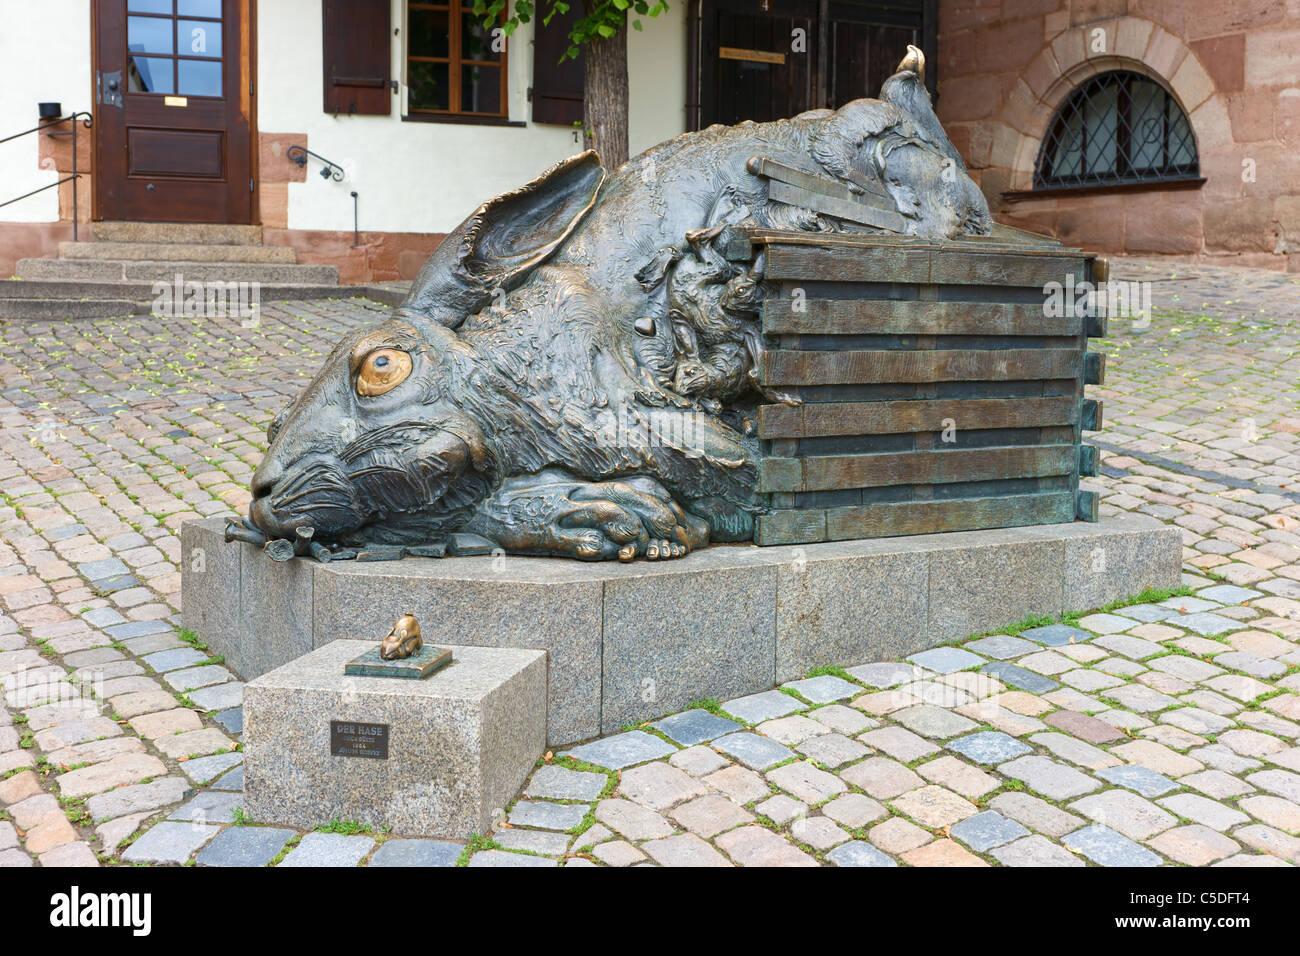 Der Hase nach Dürer sculpture by Jürgen Goertz in 1984 - Stock Image